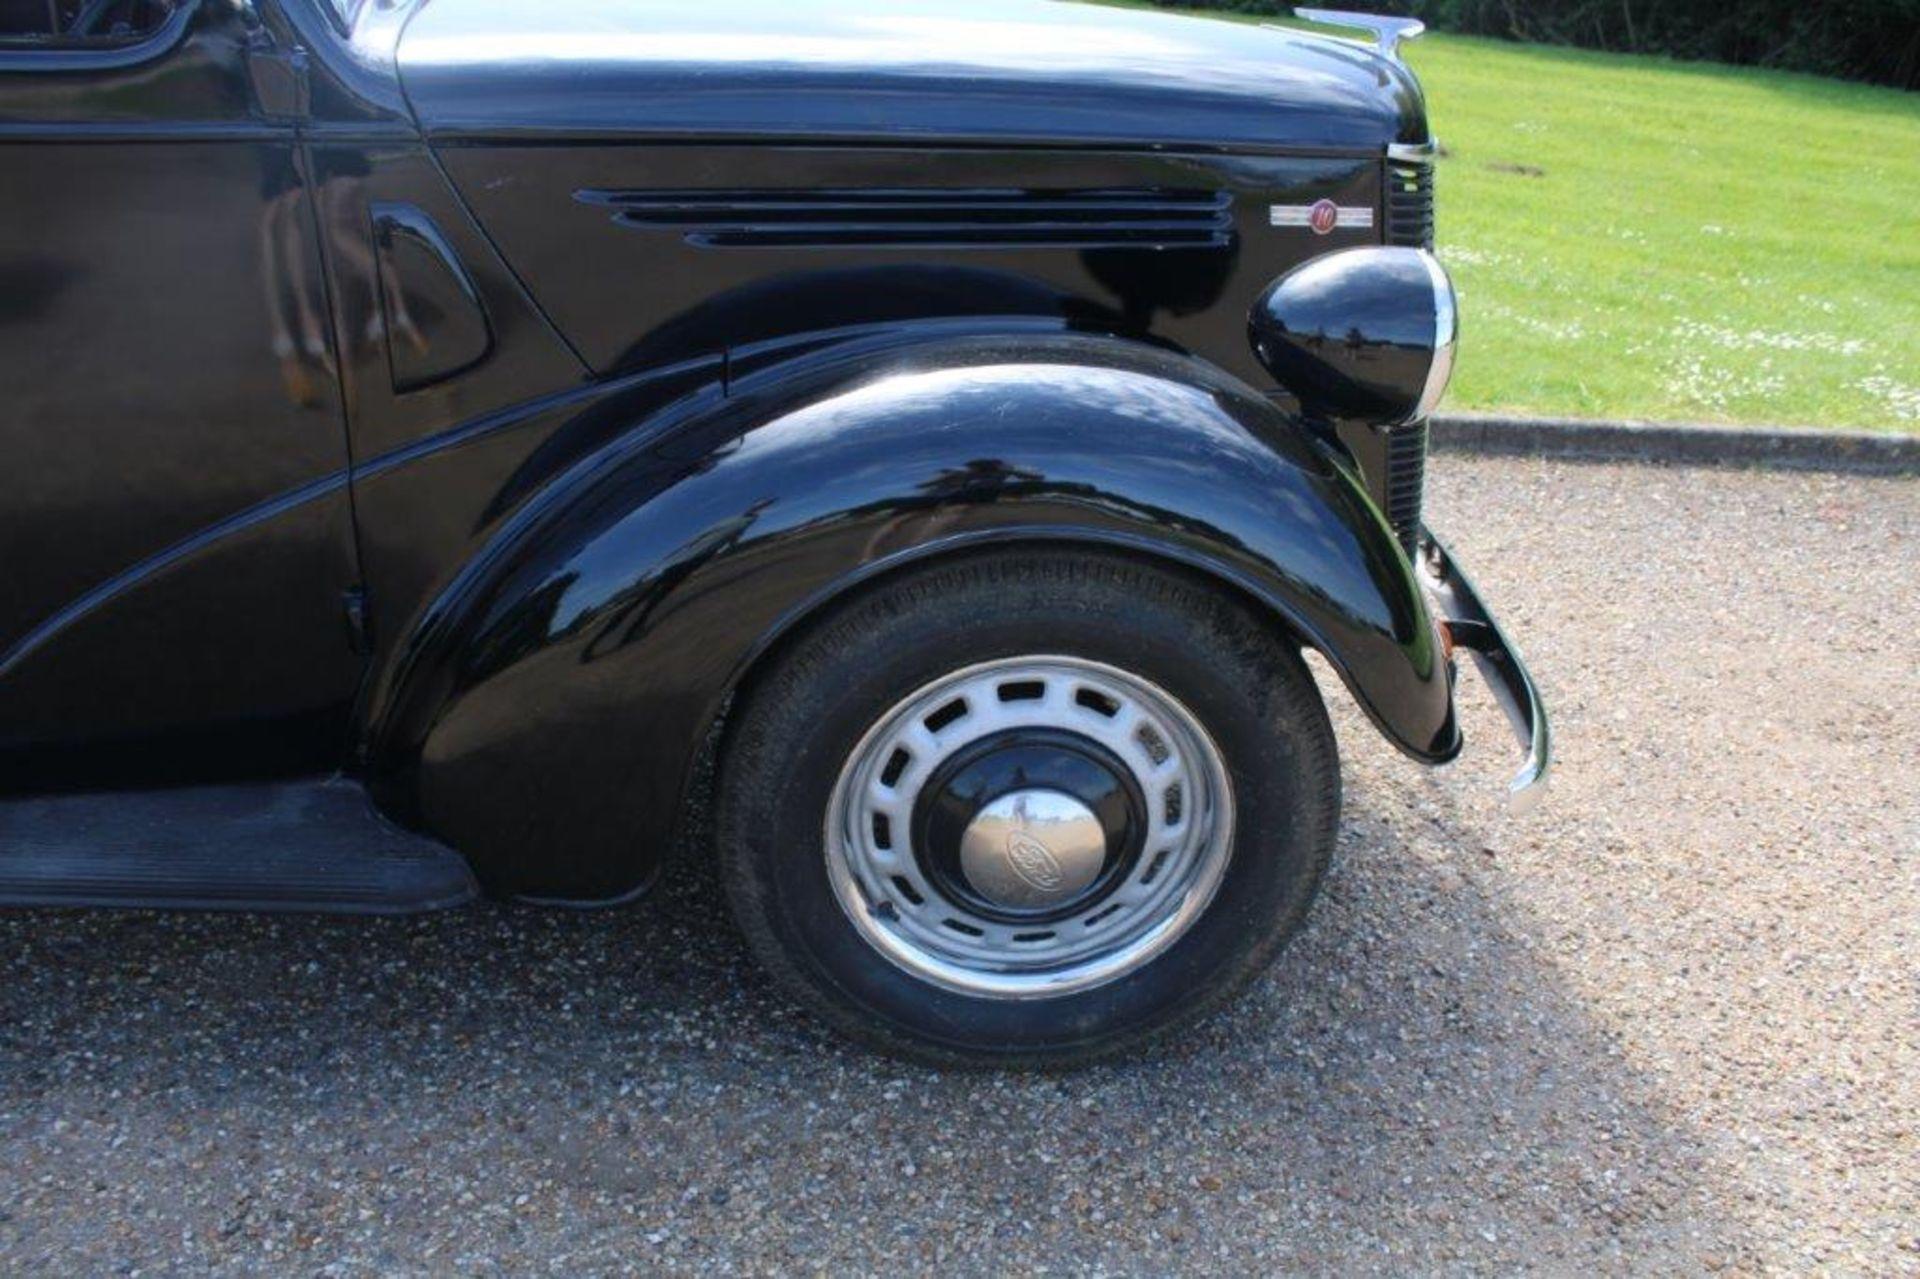 1946 Ford Prefect E93A - Image 11 of 30